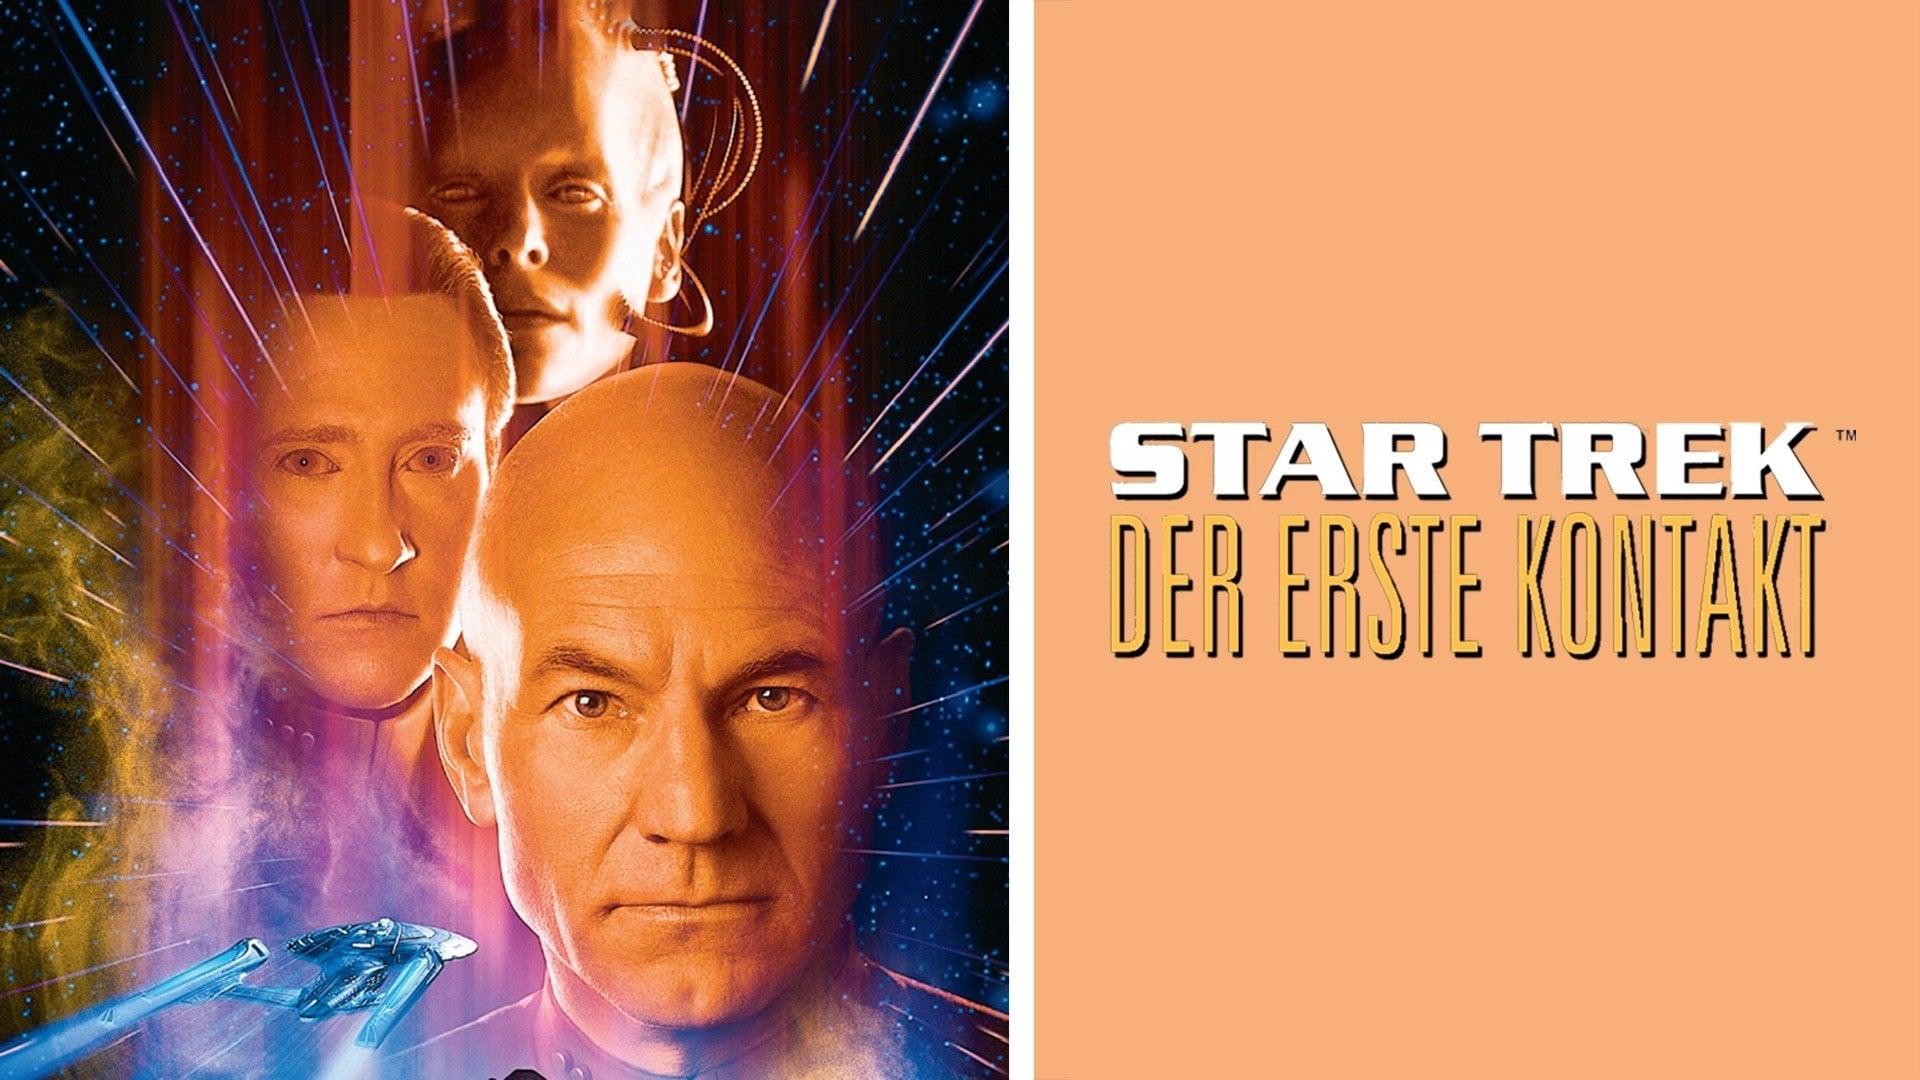 Star Trek: First Contact (1996)